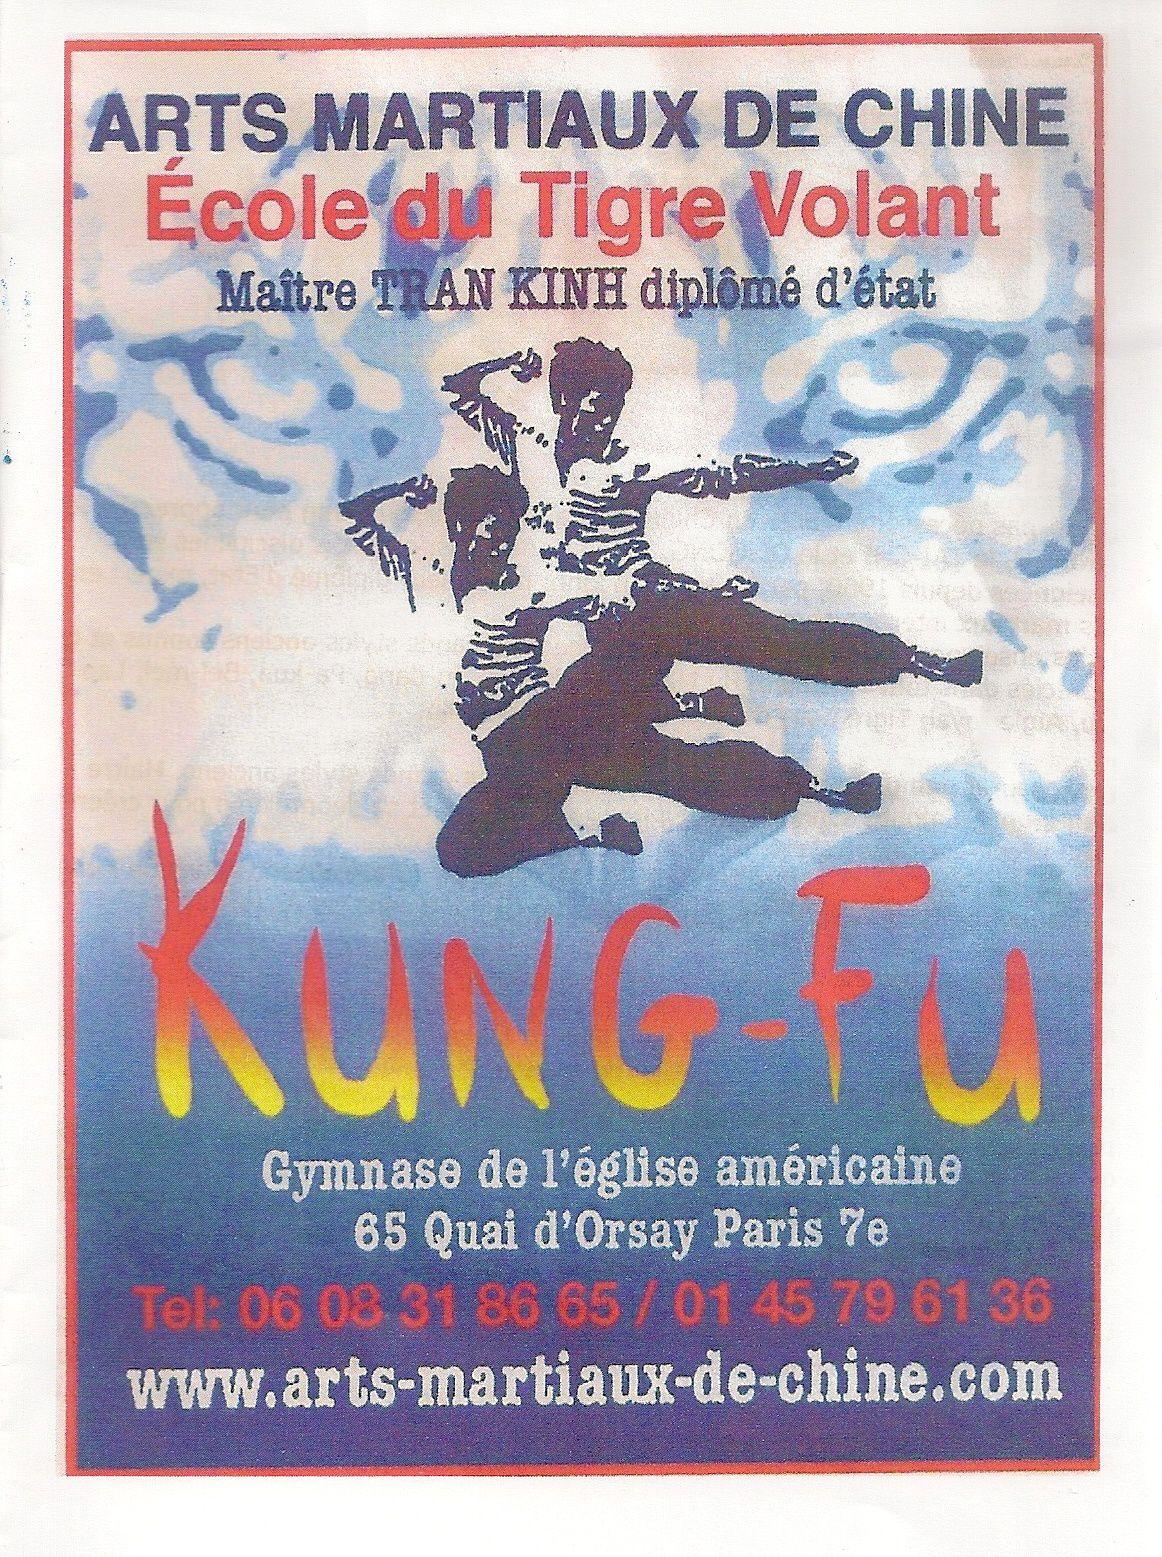 5 - ESPACE TAICHI KUNGFU PARIS